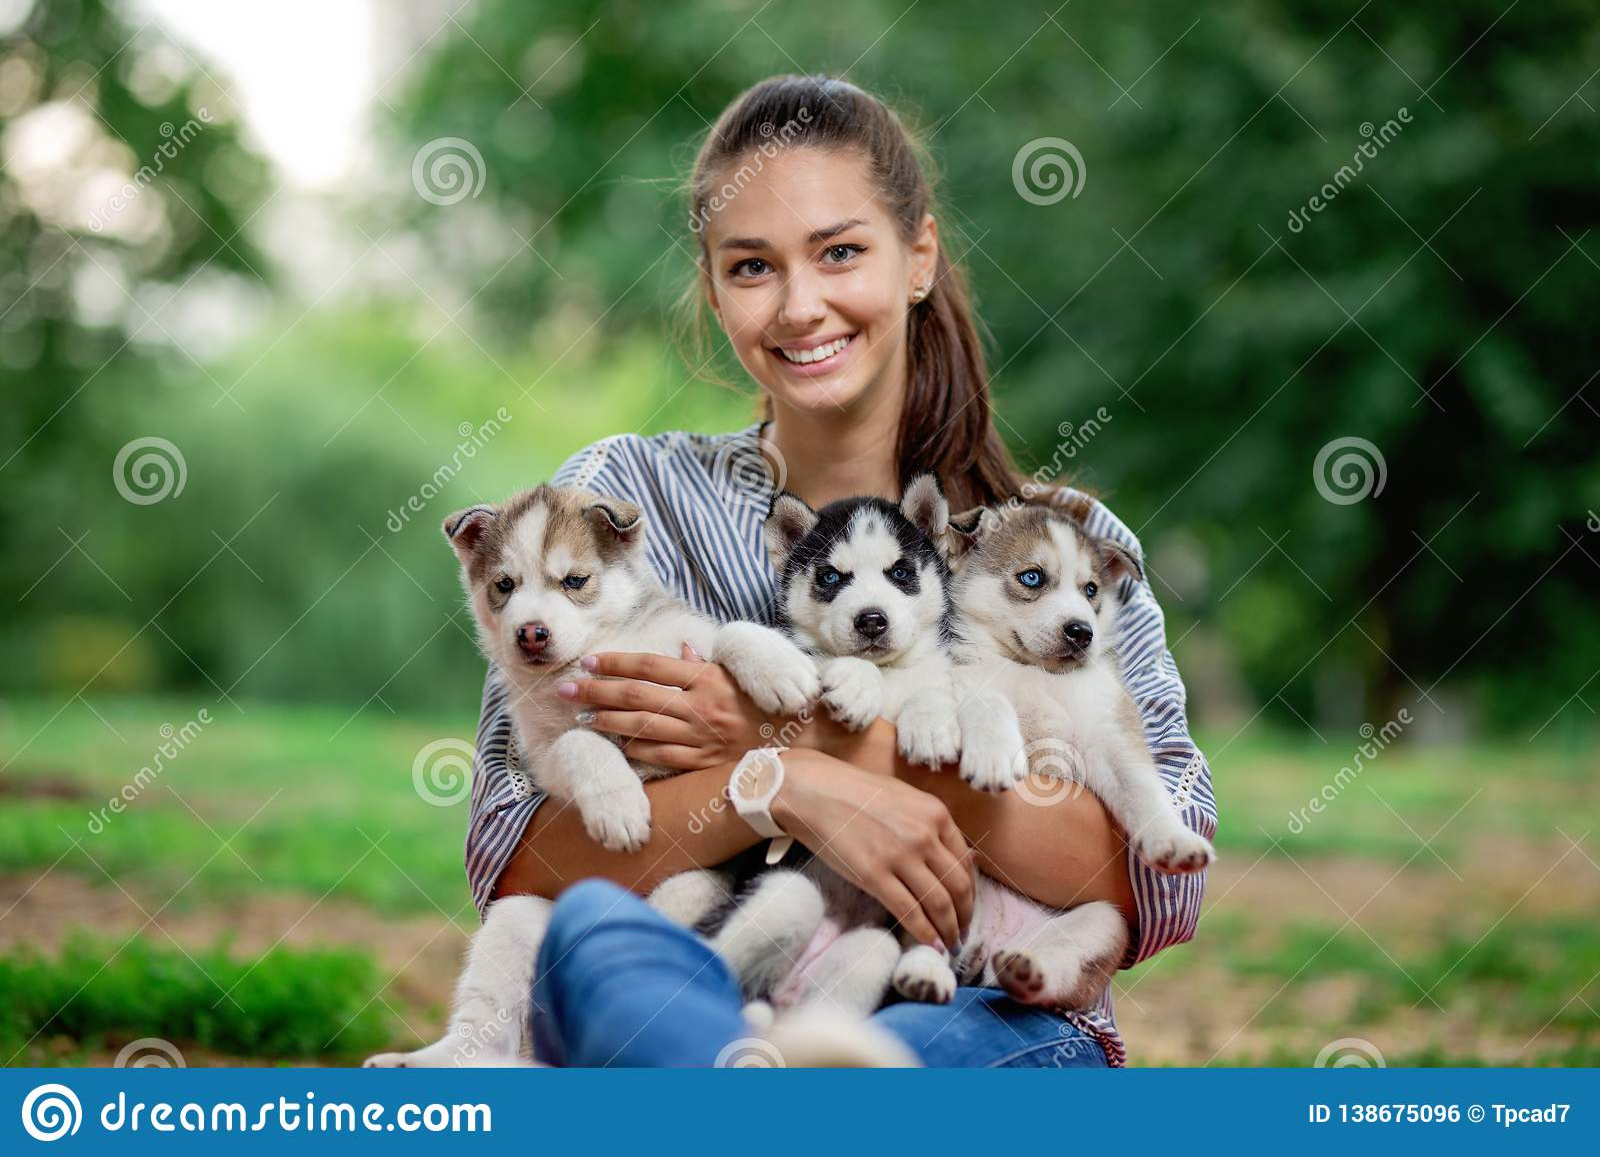 Una mujer sonriente hermosa con una cola de caballo y llevar una camisa rayada está sosteniendo tres perritos fornidos dulces en